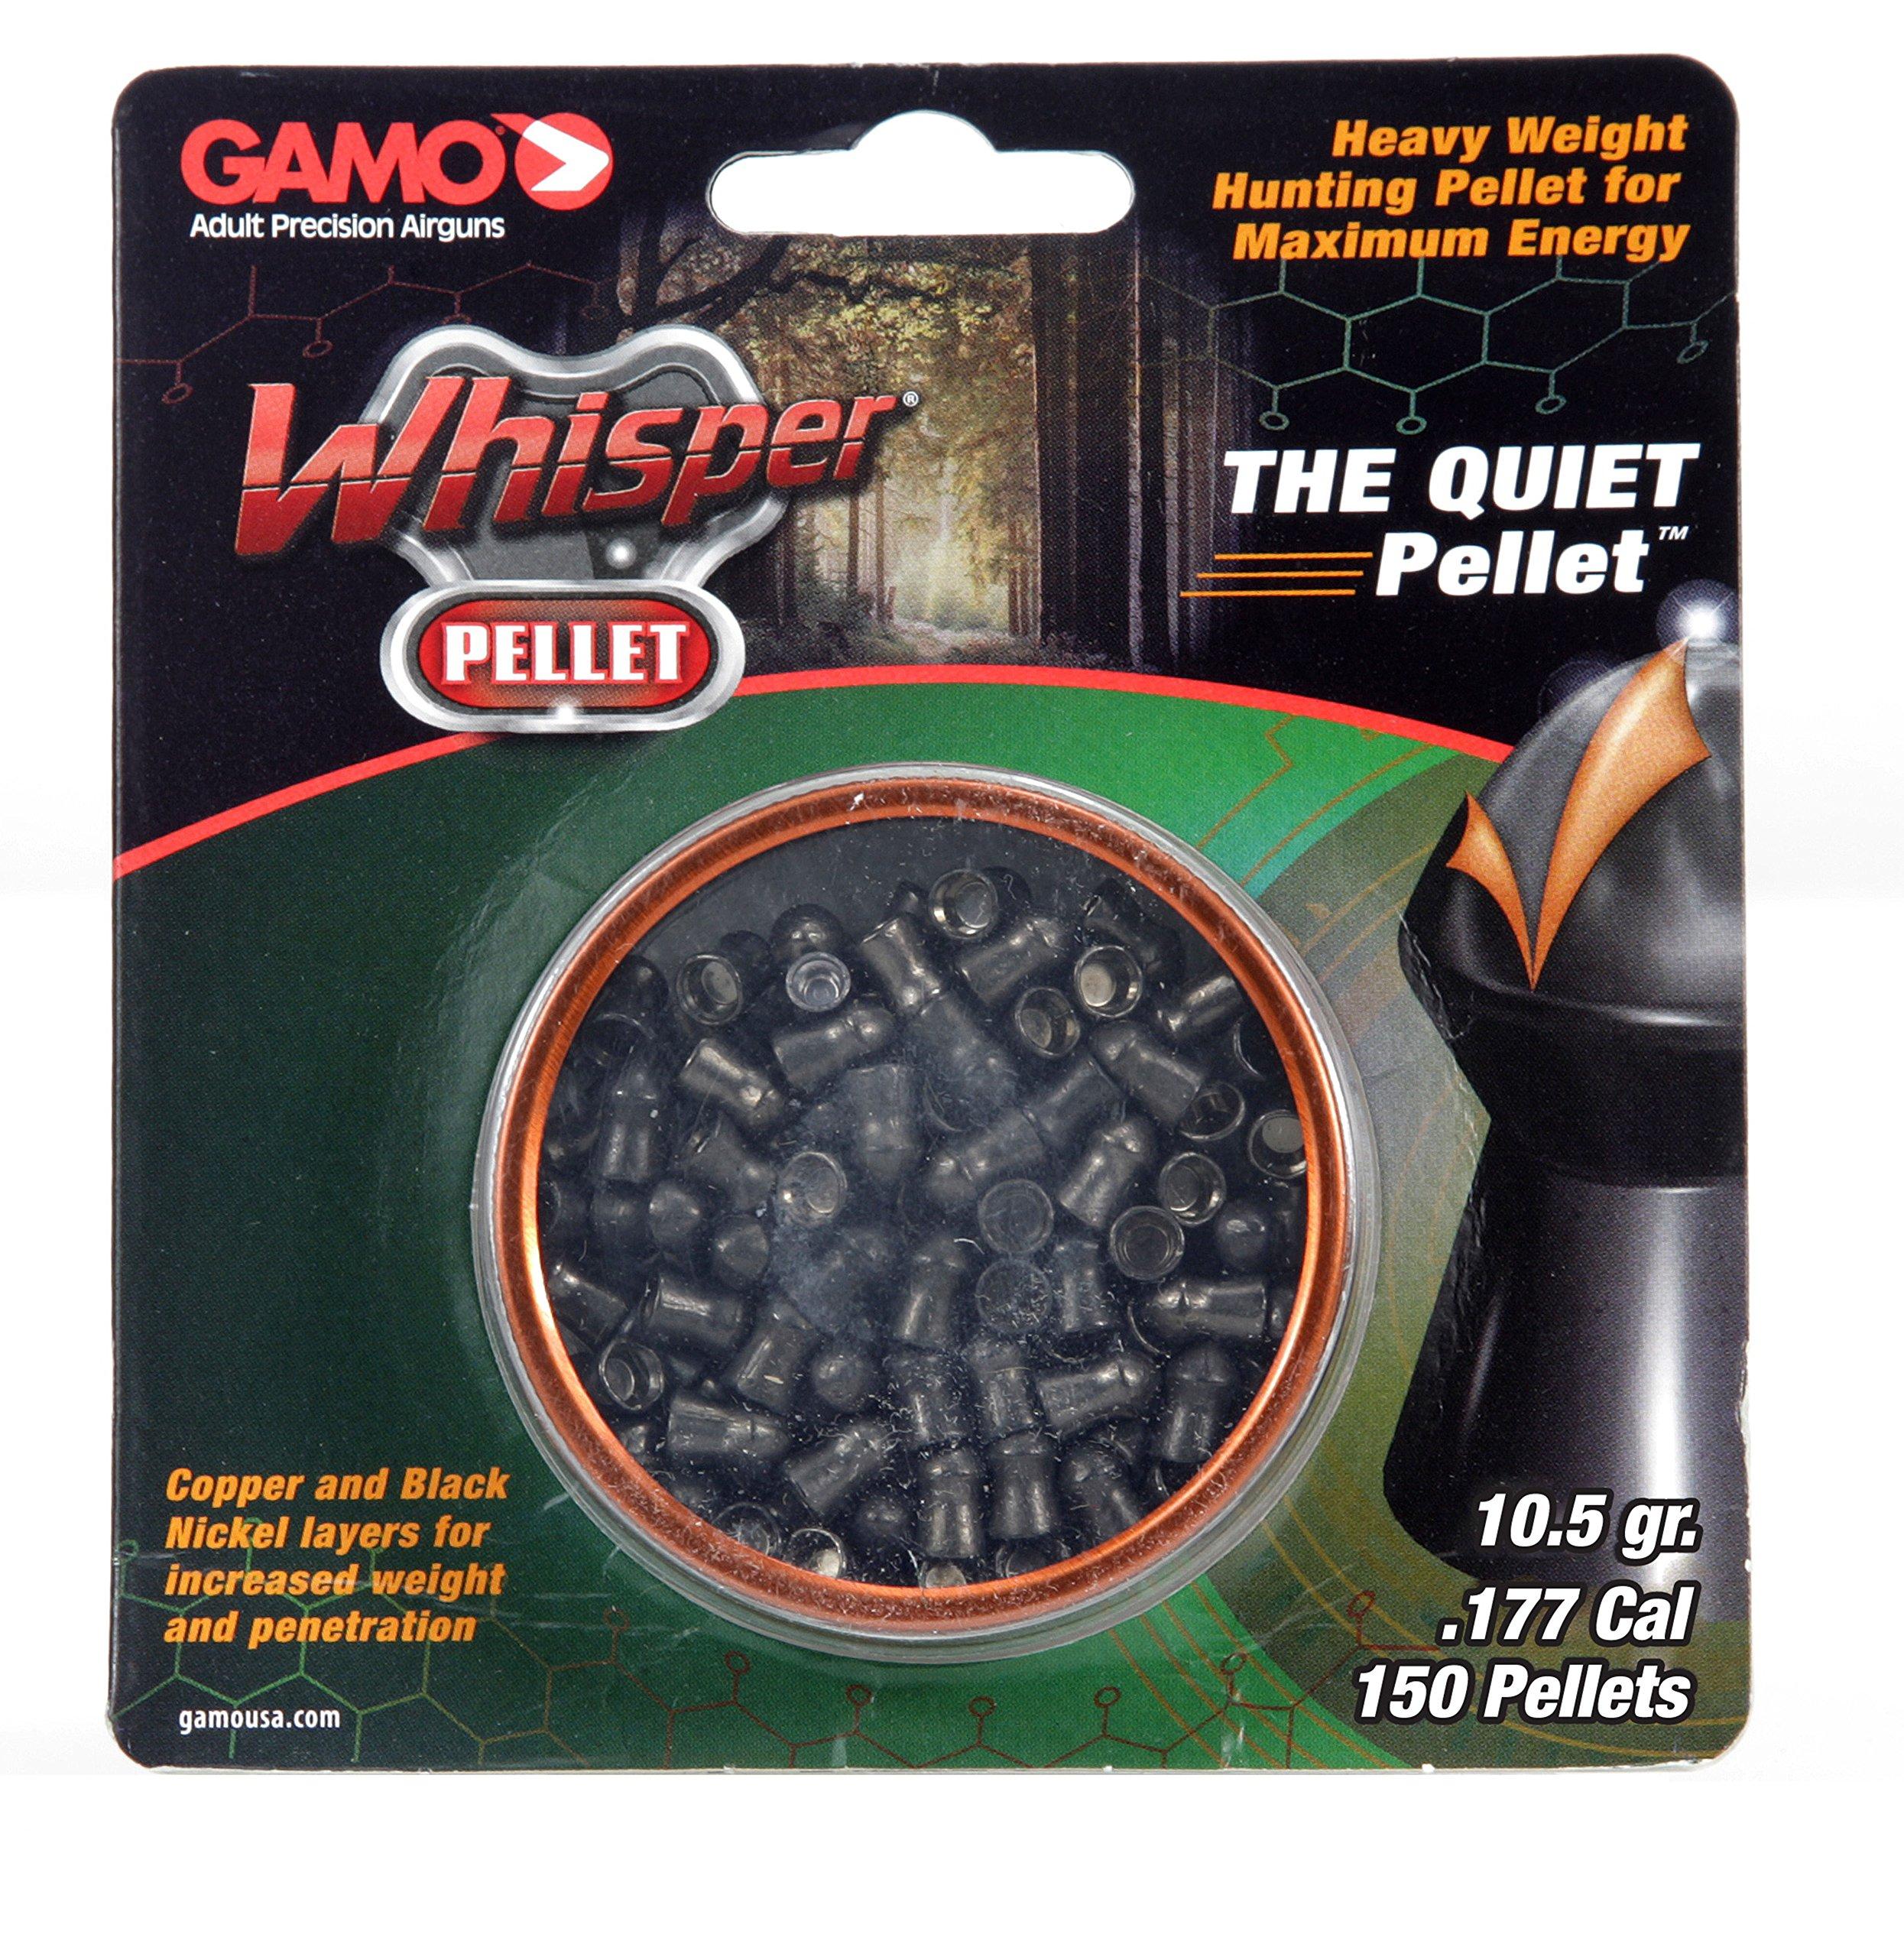 Gamo 632272254 Whisper Pellet .177 Caliber, 150 Count